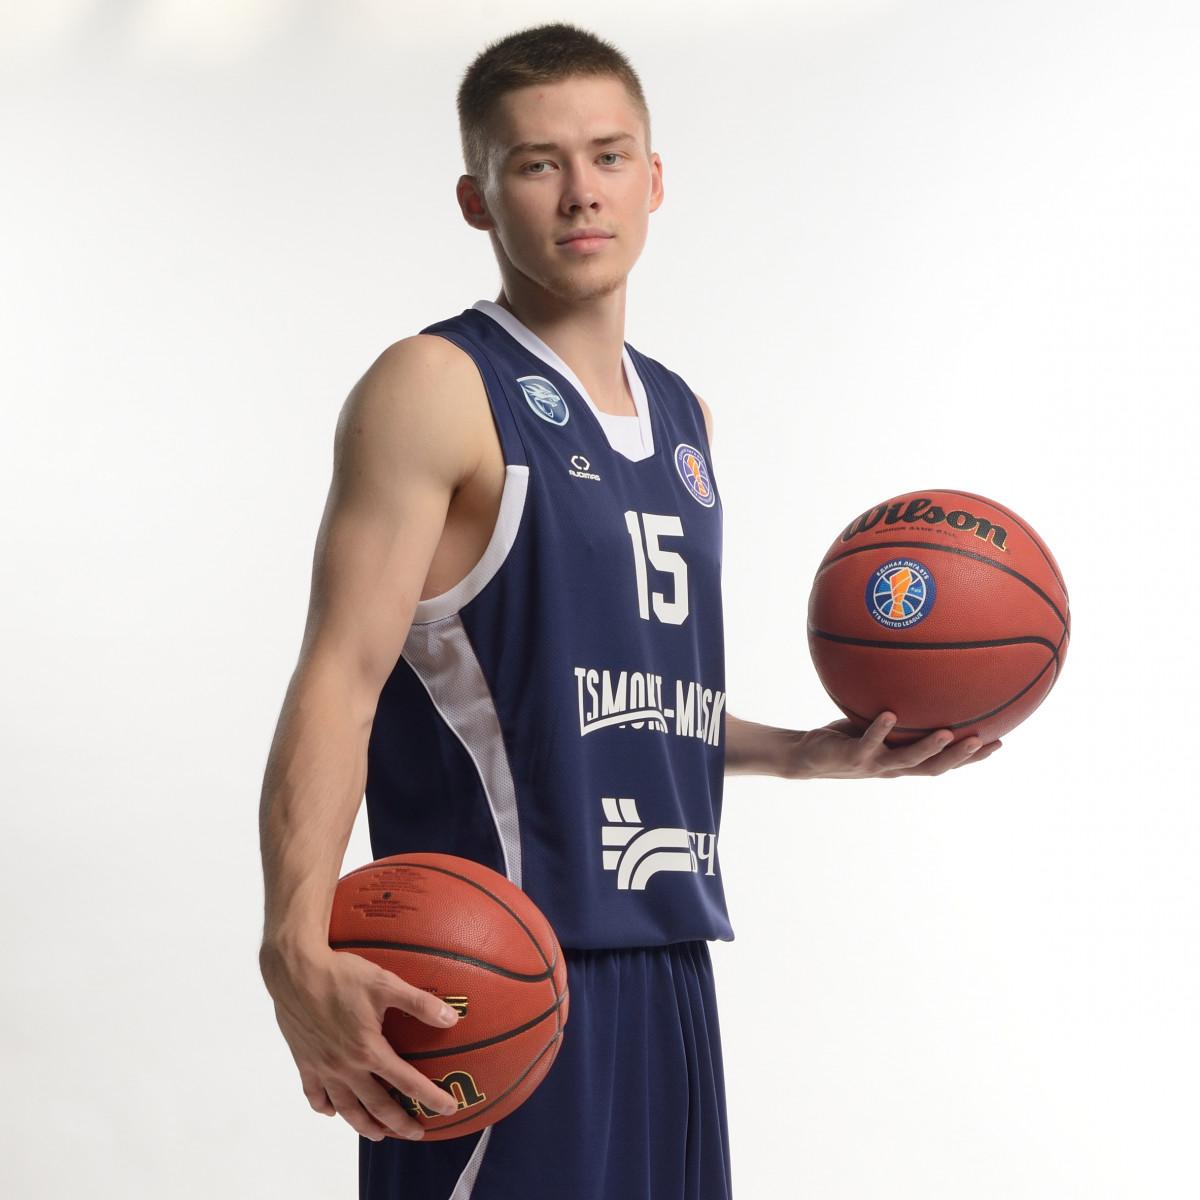 Photo of Andrei Stabrouski, 2019-2020 season